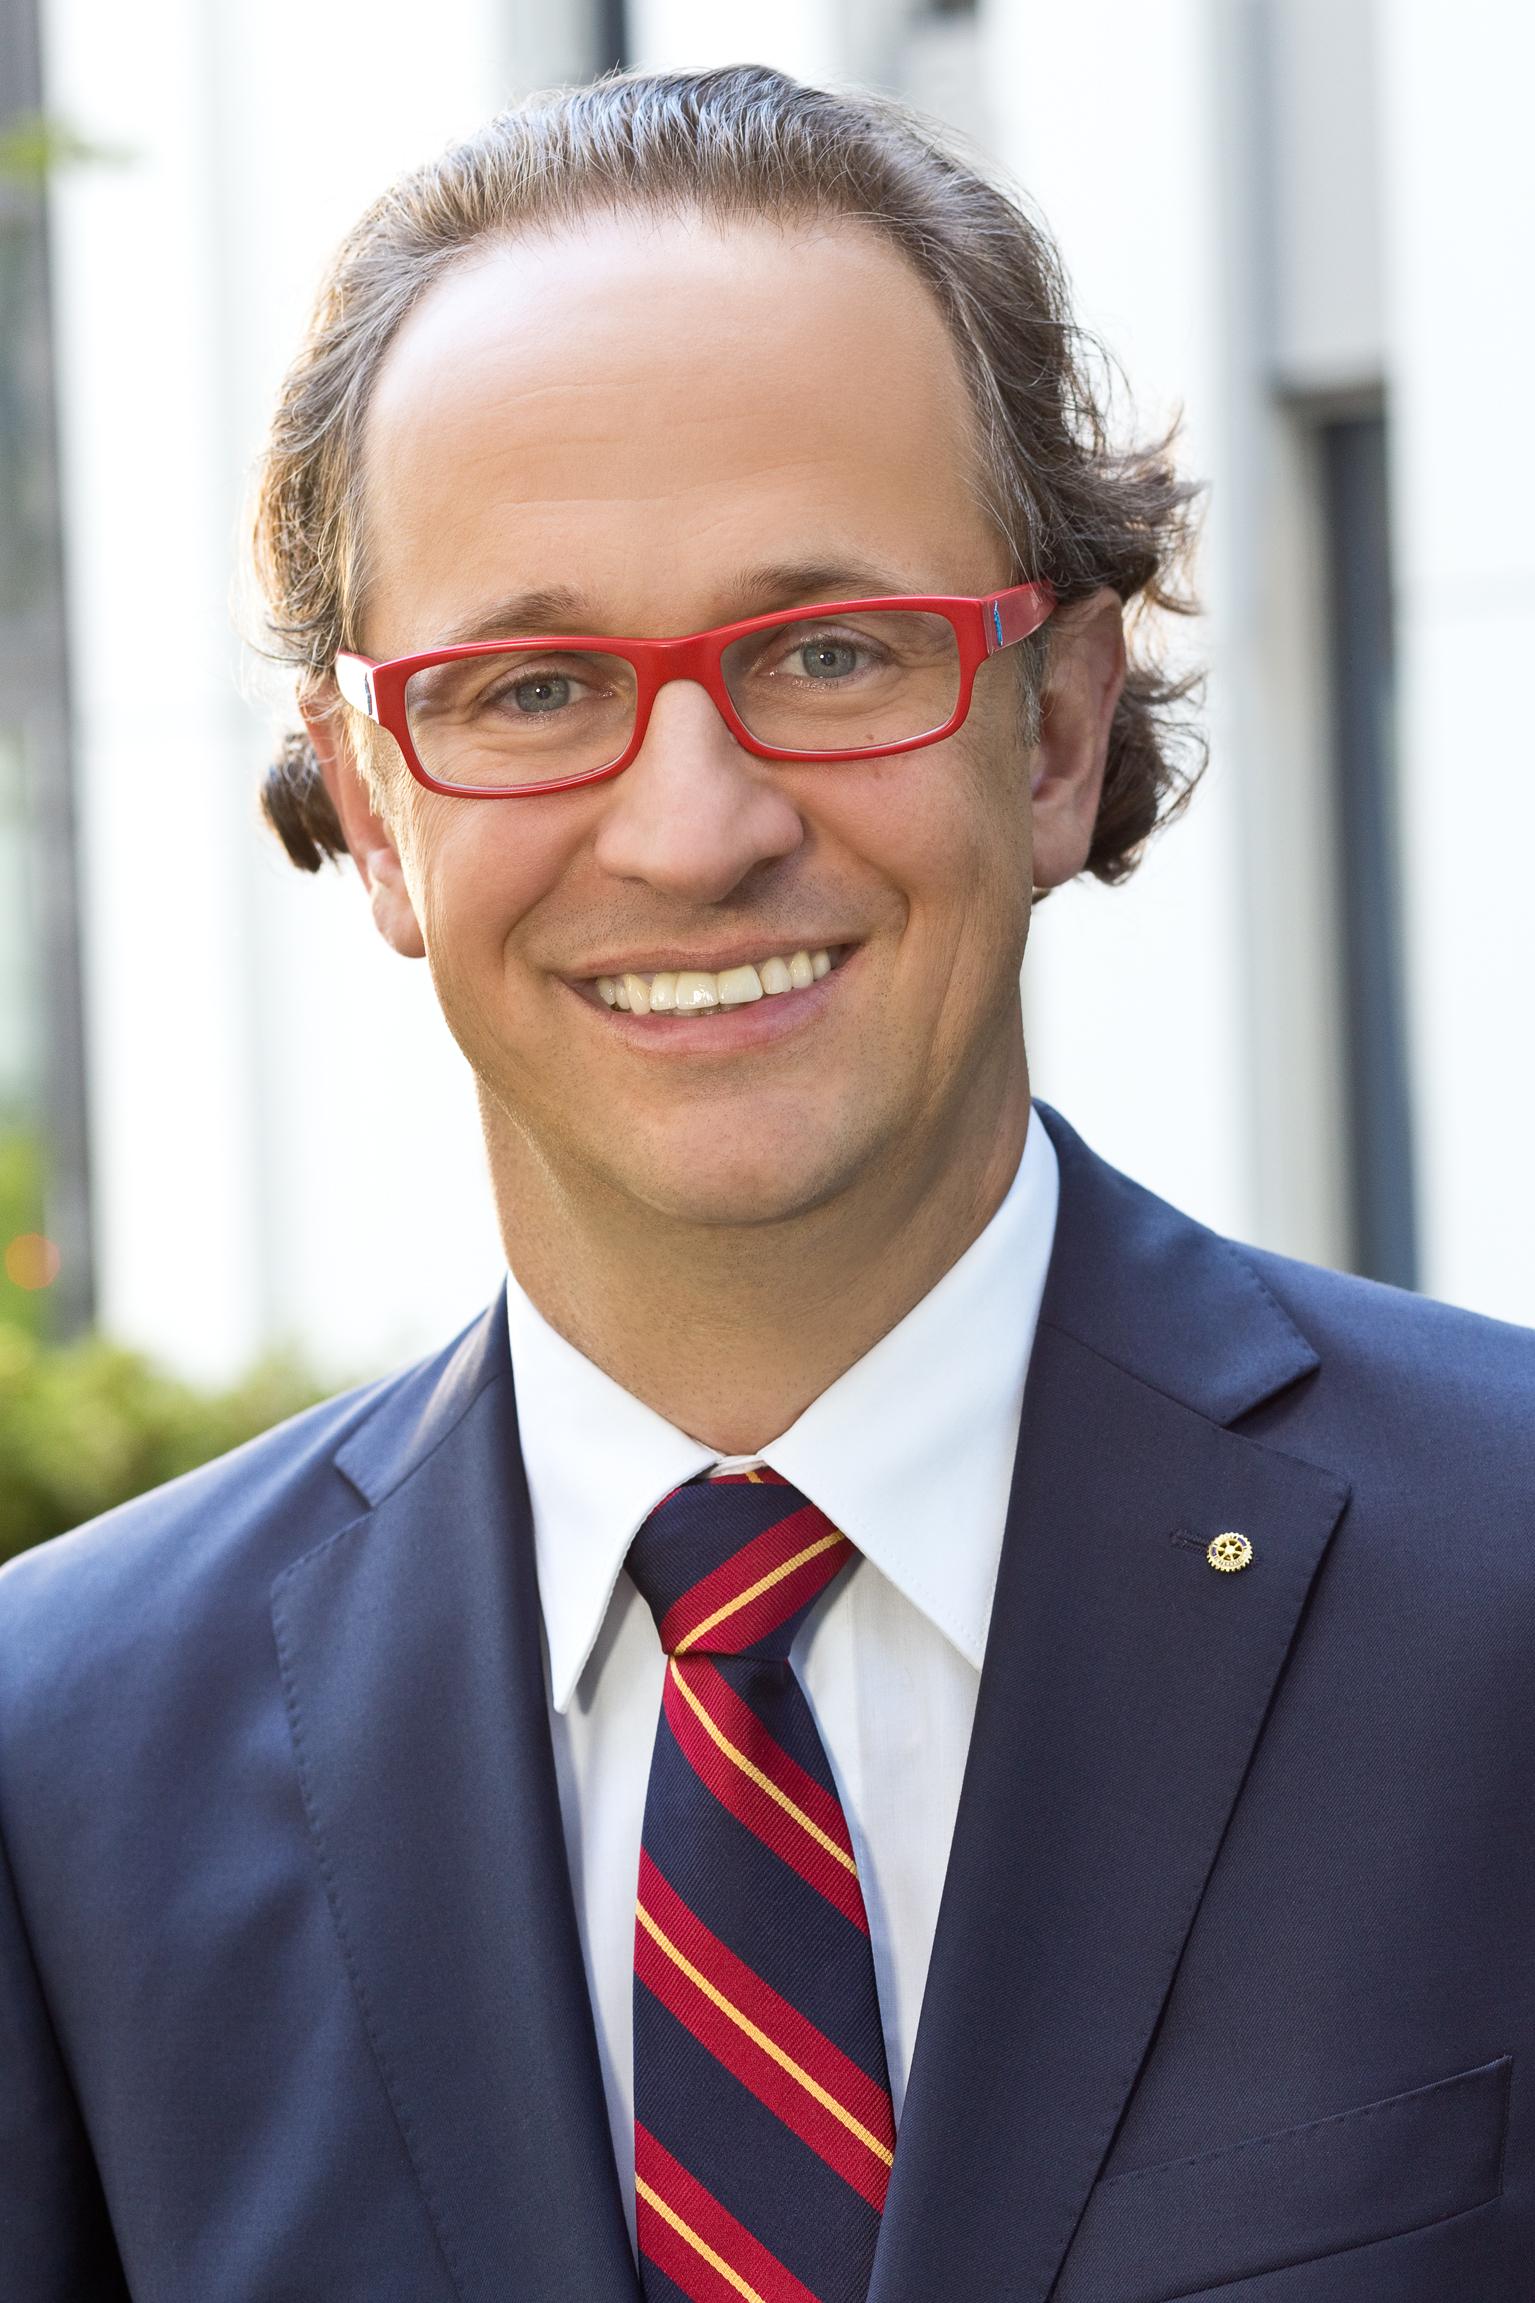 Christoph Boettger